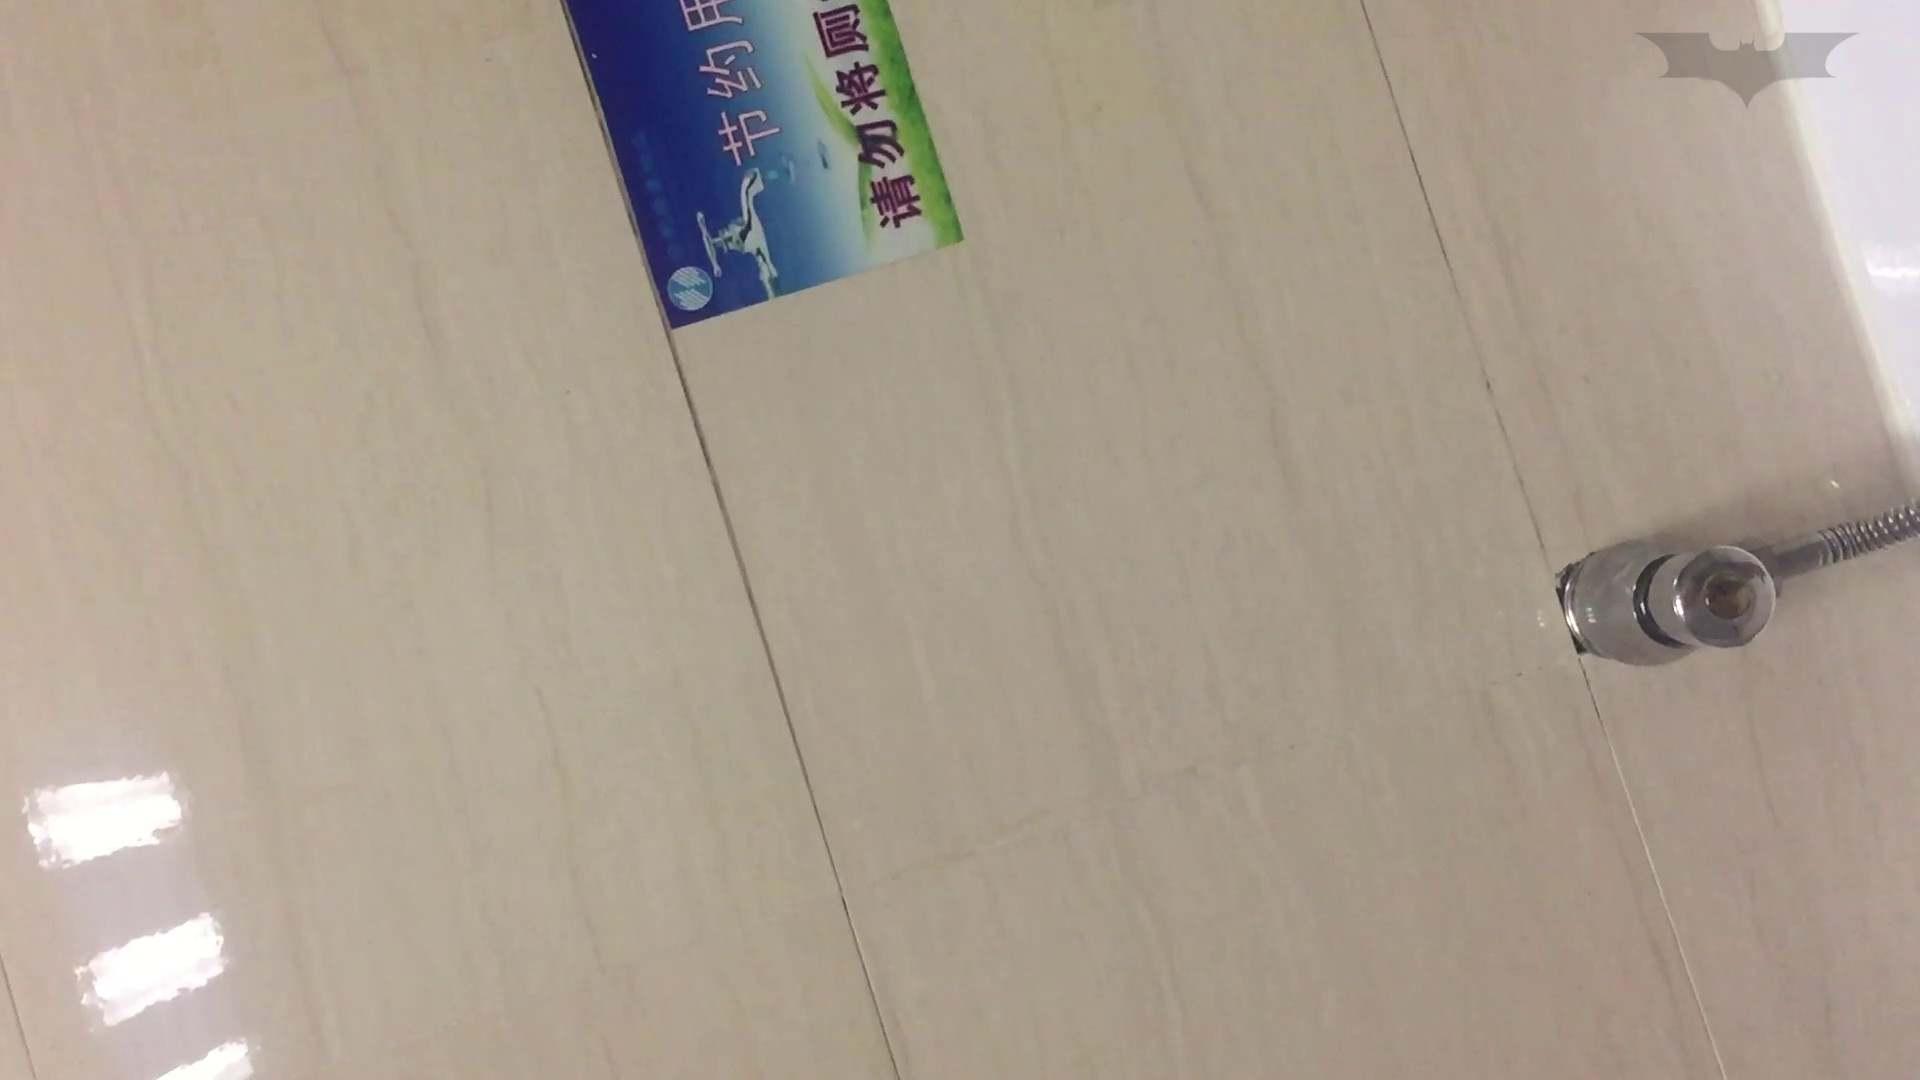 JD盗撮 美女の洗面所の秘密 Vol.72 高画質 ワレメ無修正動画無料 88枚 61